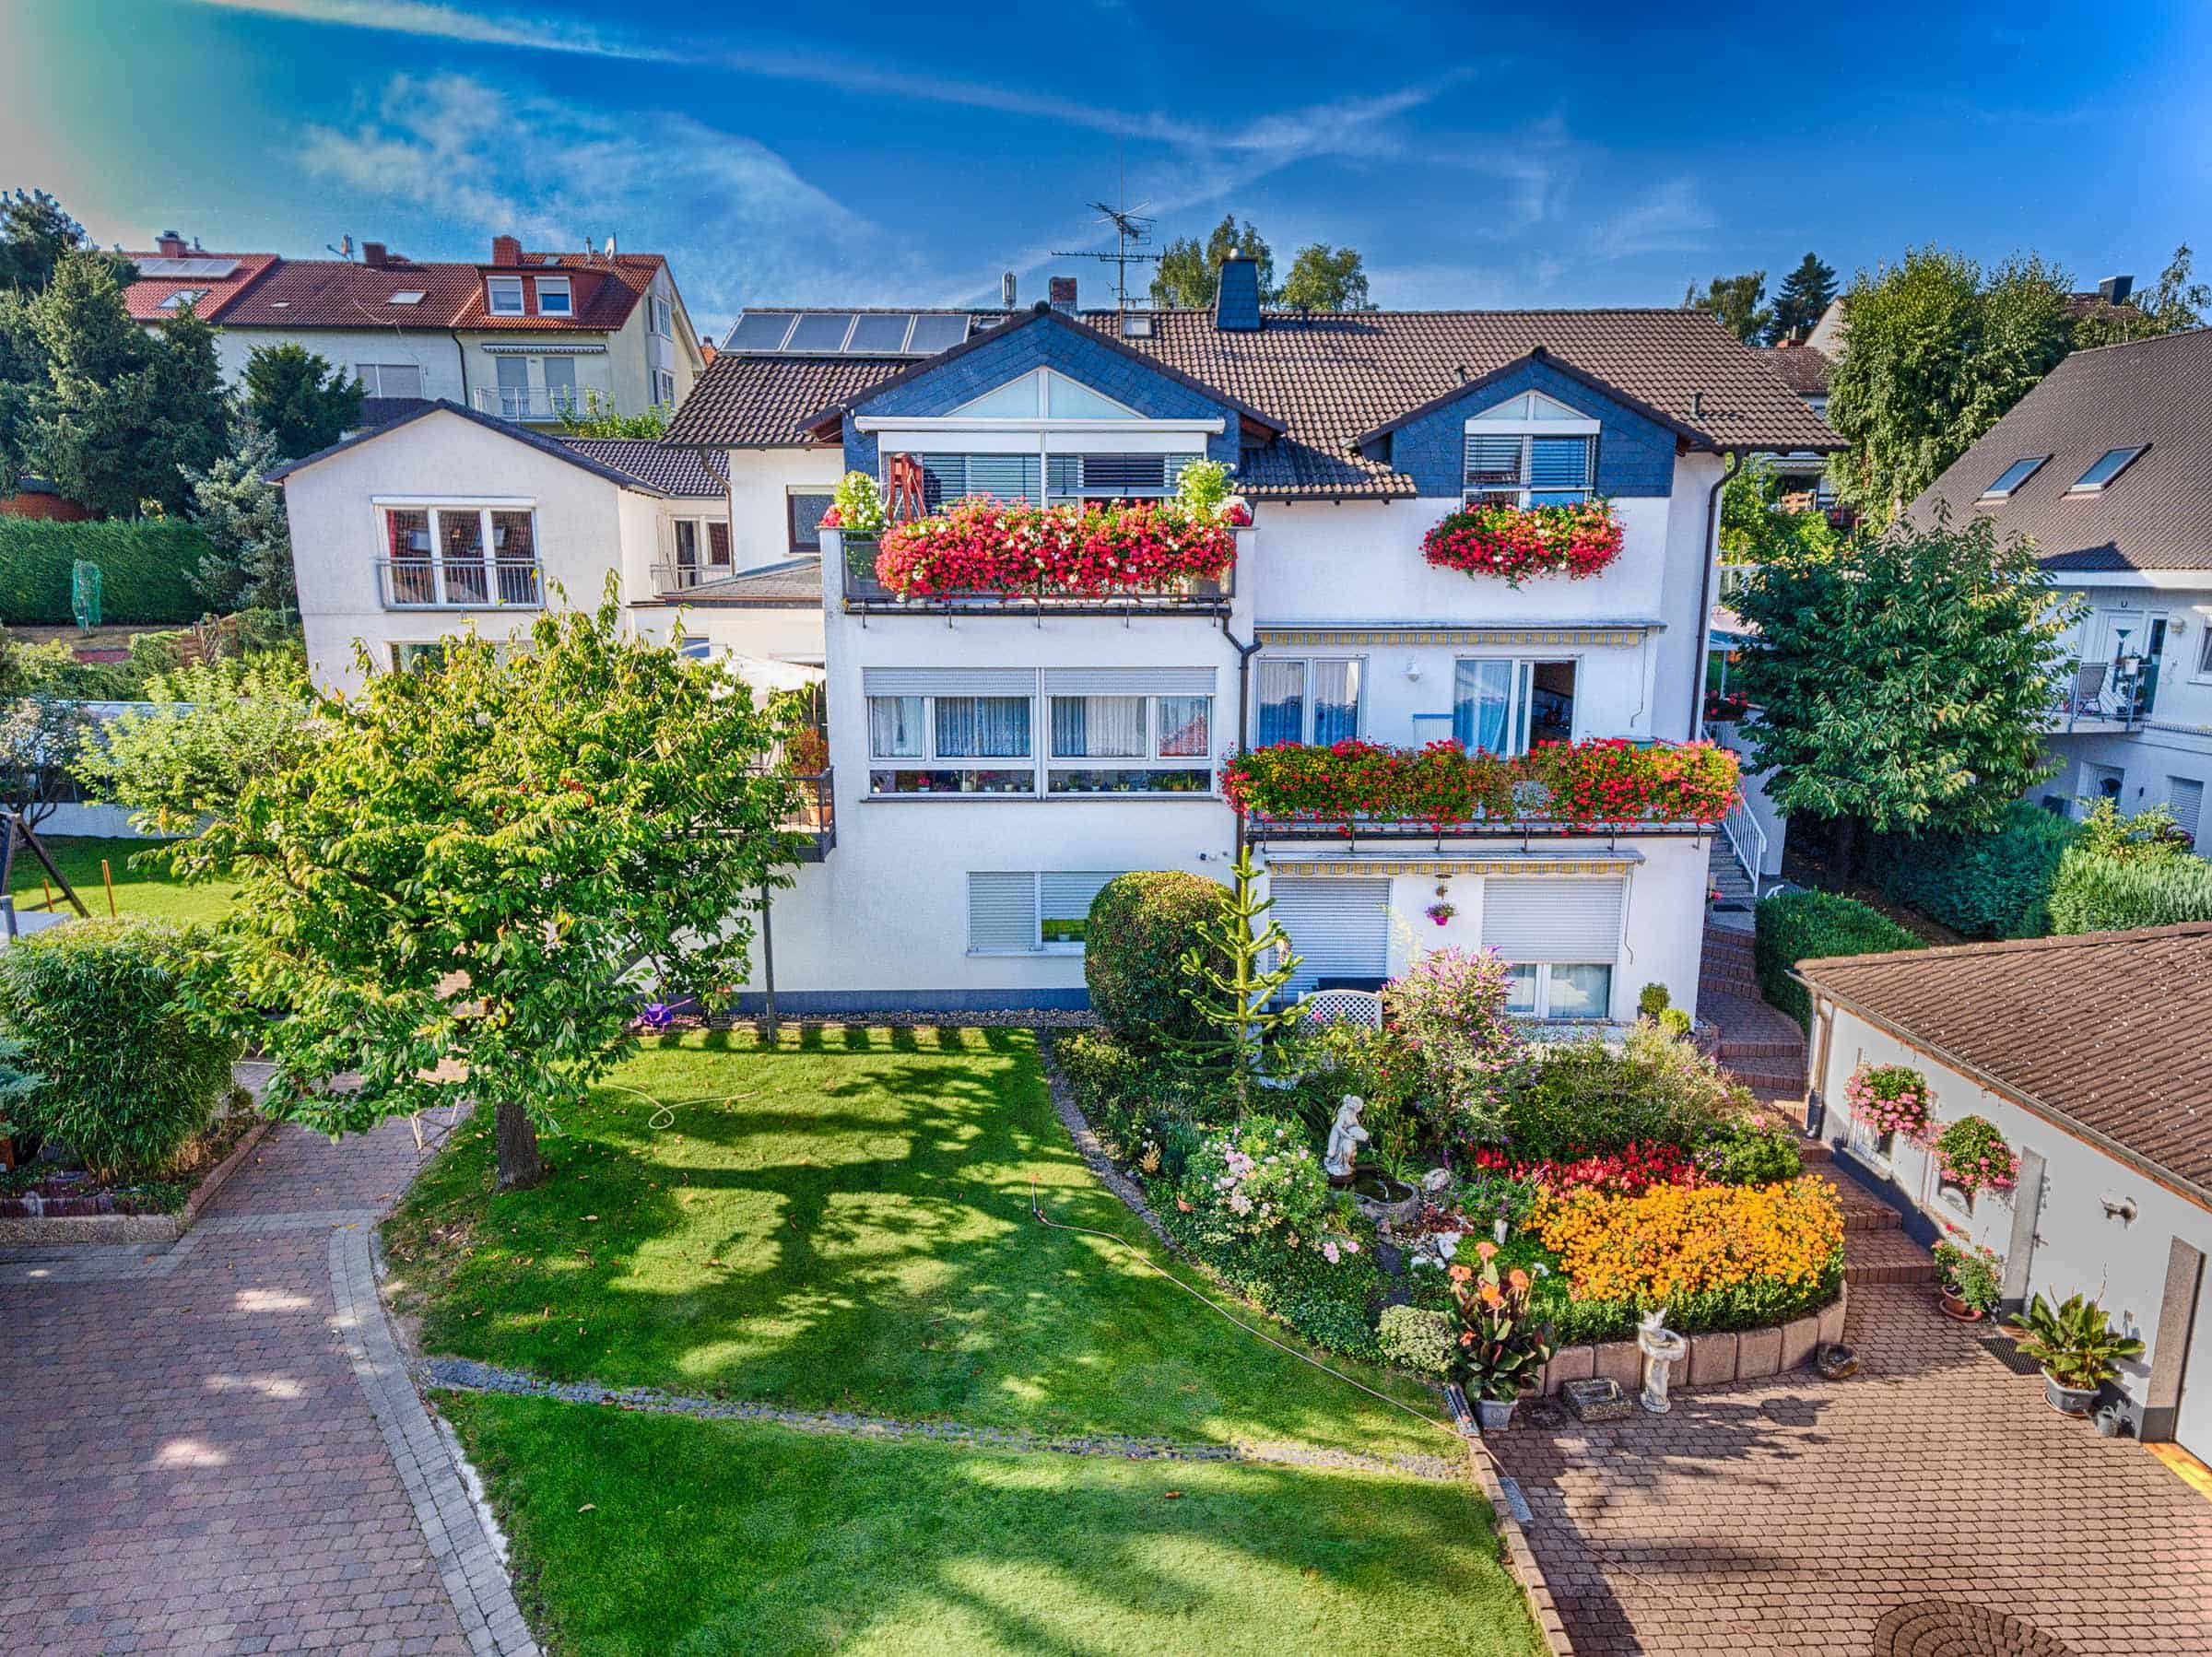 Luftaufnahmen von einem Haus